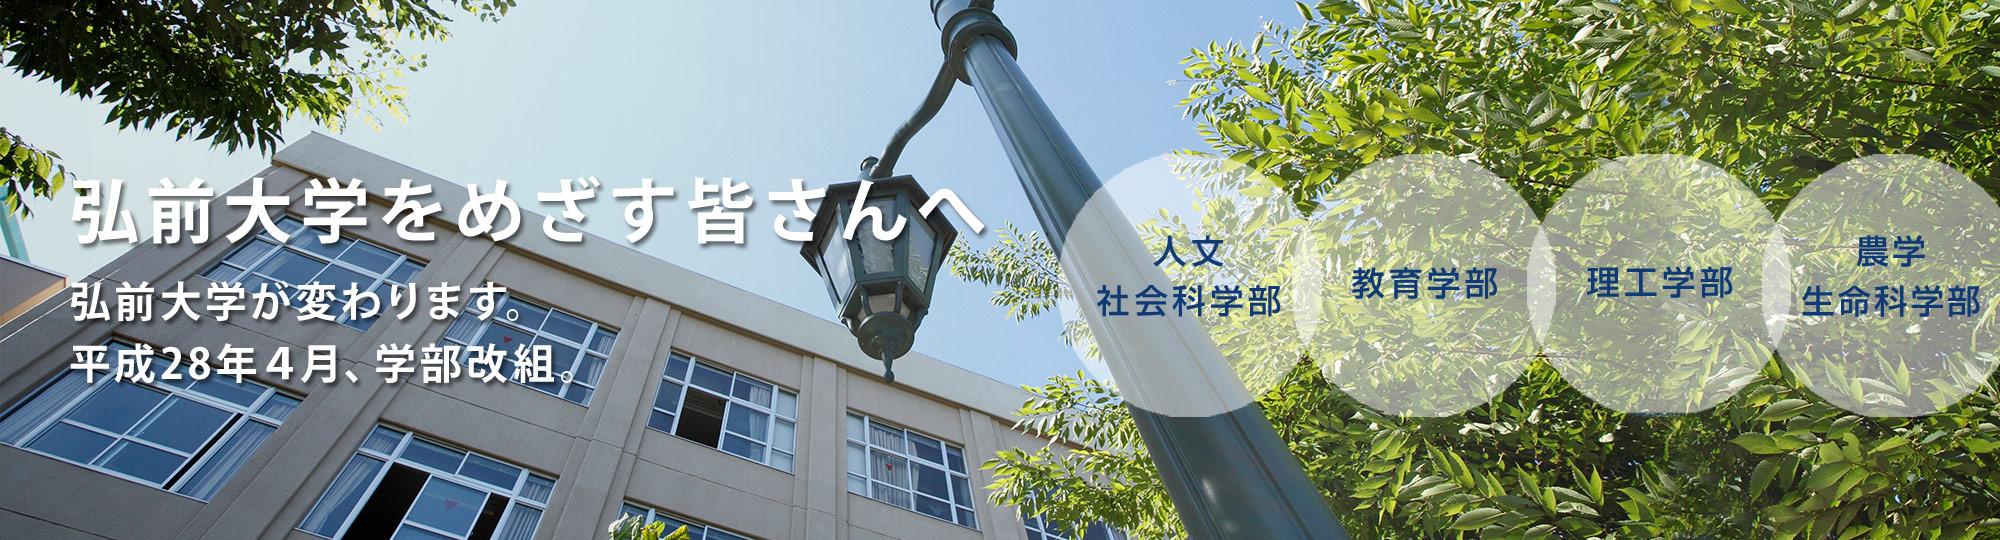 弘前大学をめざす皆さんへ